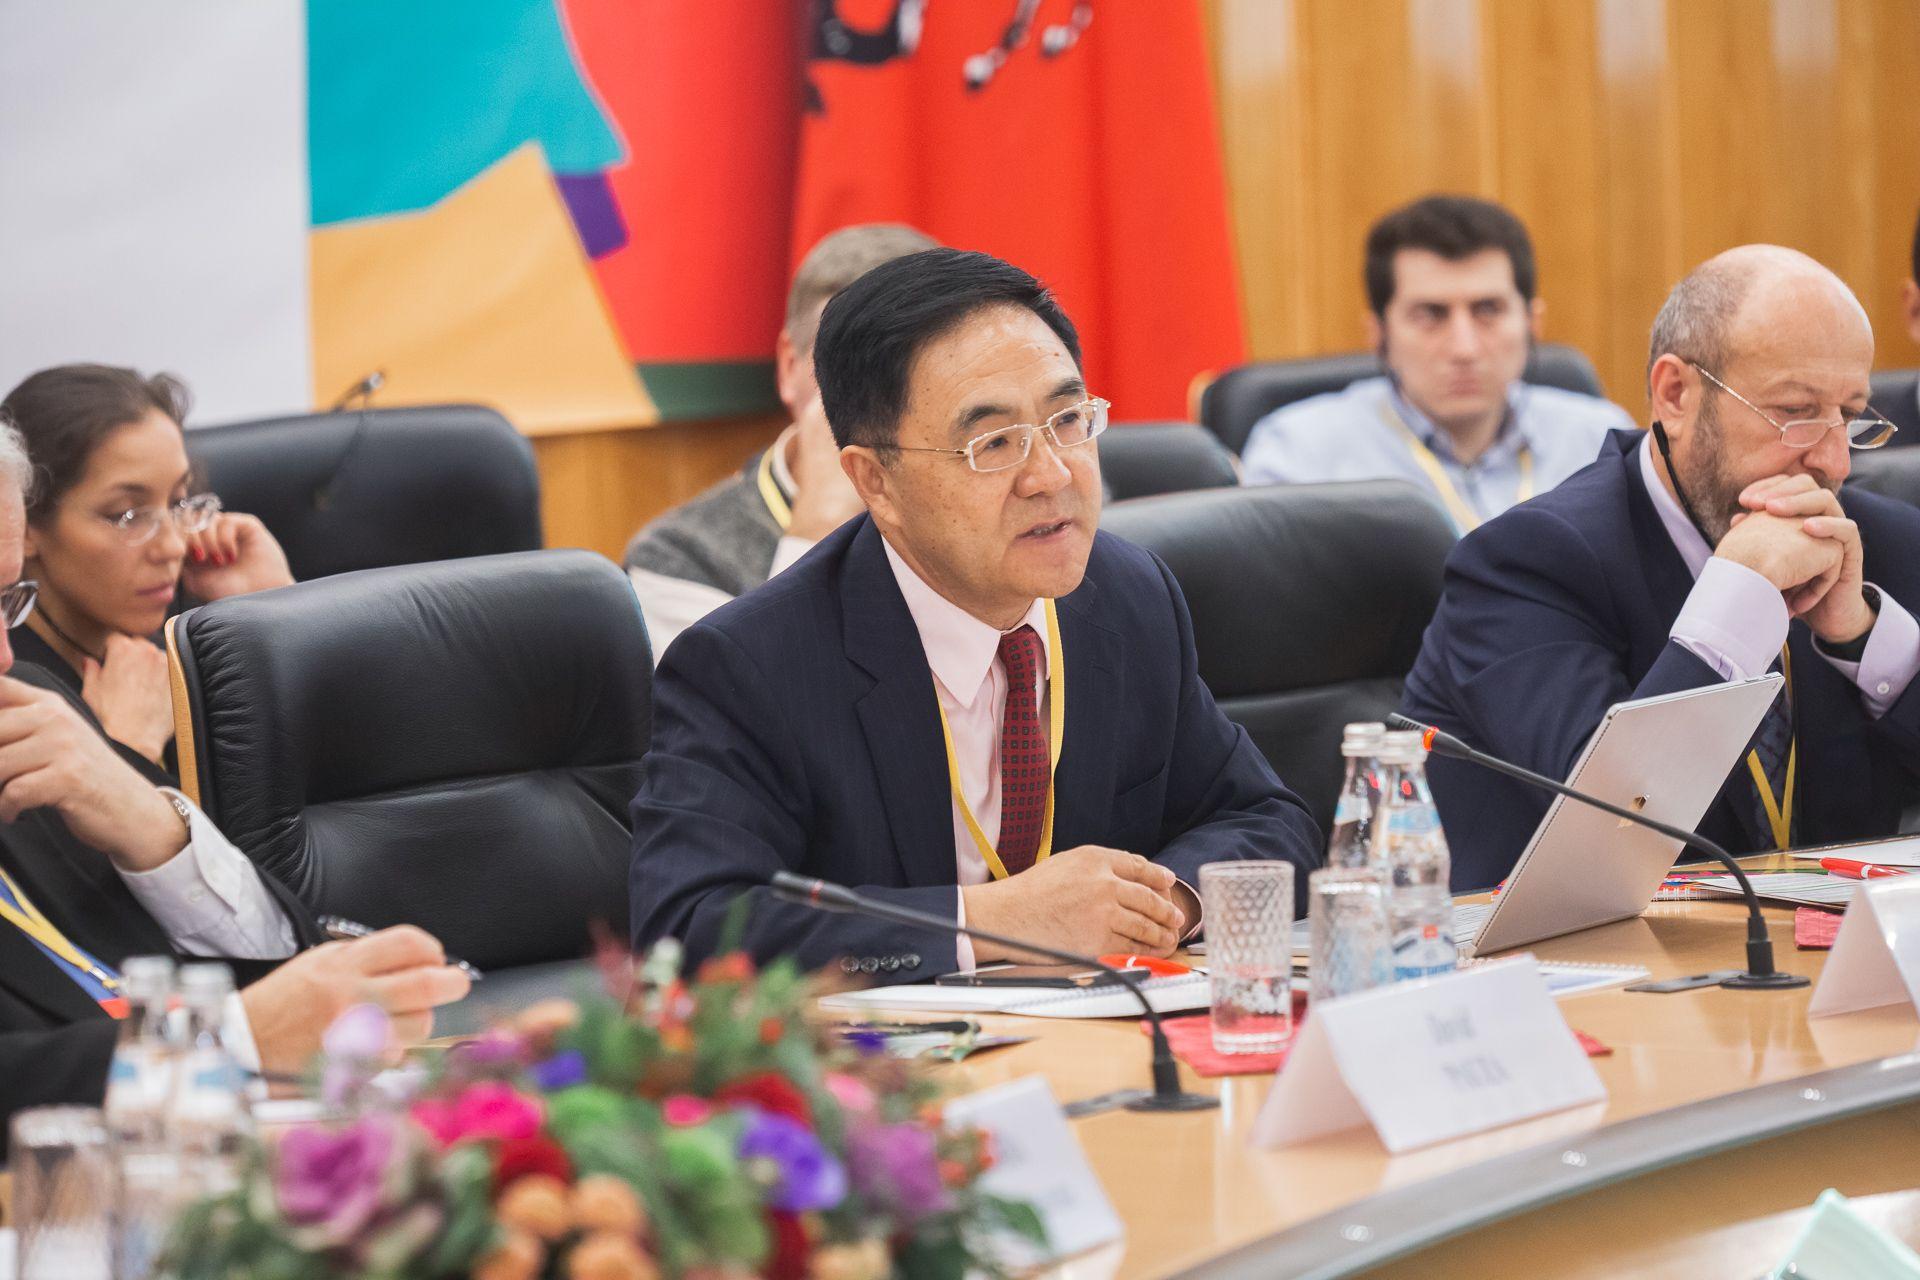 Ученые из Китая выступили за усиление взаимодействия в науке и медицине